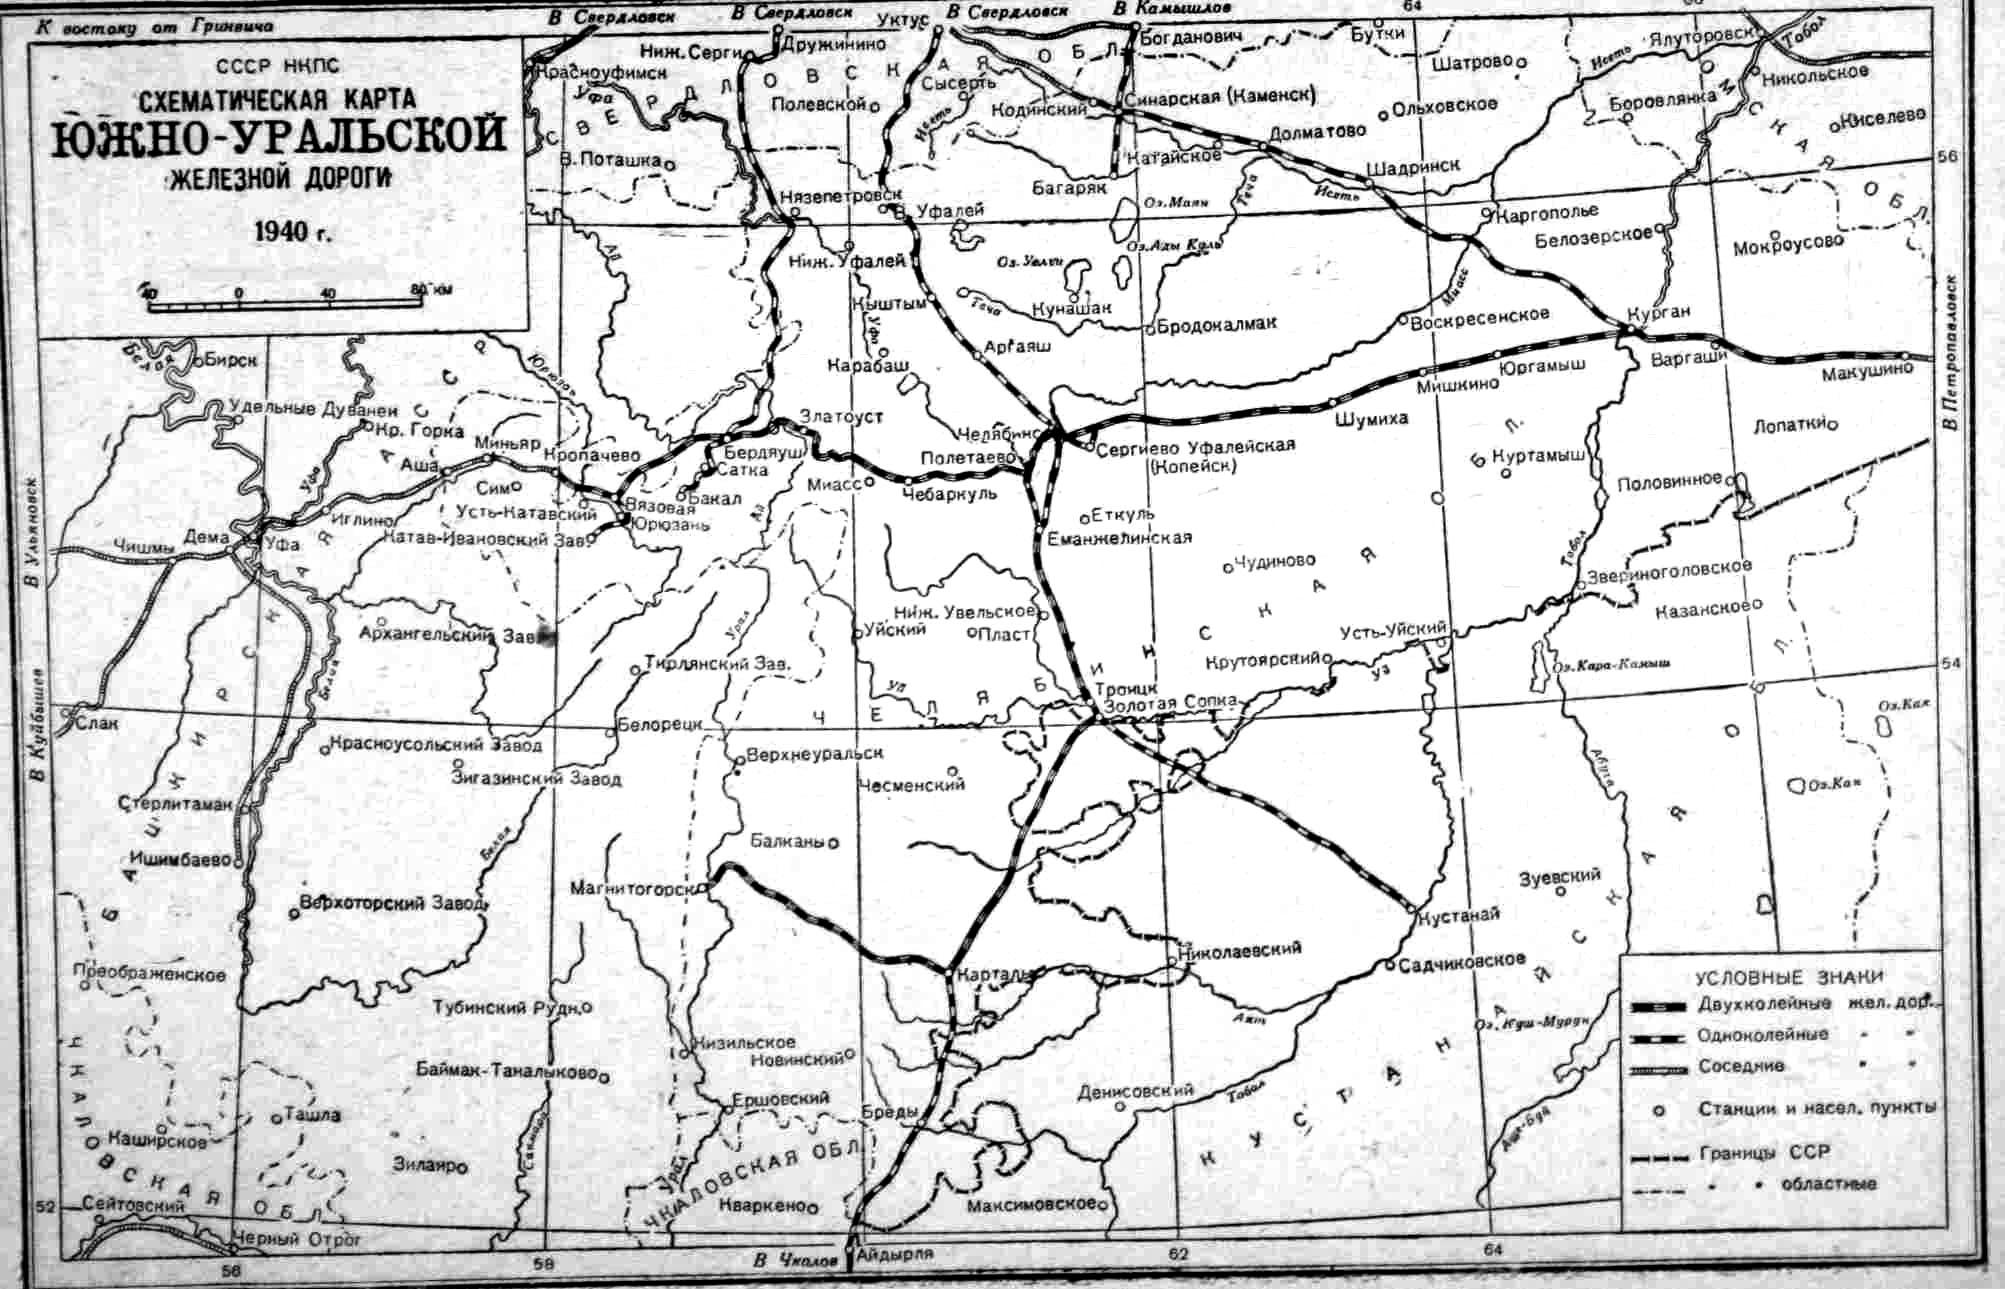 СХЕМАТИЧЕСКАЯ КАРТА ЮЖНО-УРАЛЬСКОЙ ЖЕЛЕЗНОЙ ДОРОГИ 1940 г. Масштаб 1:4 000 000